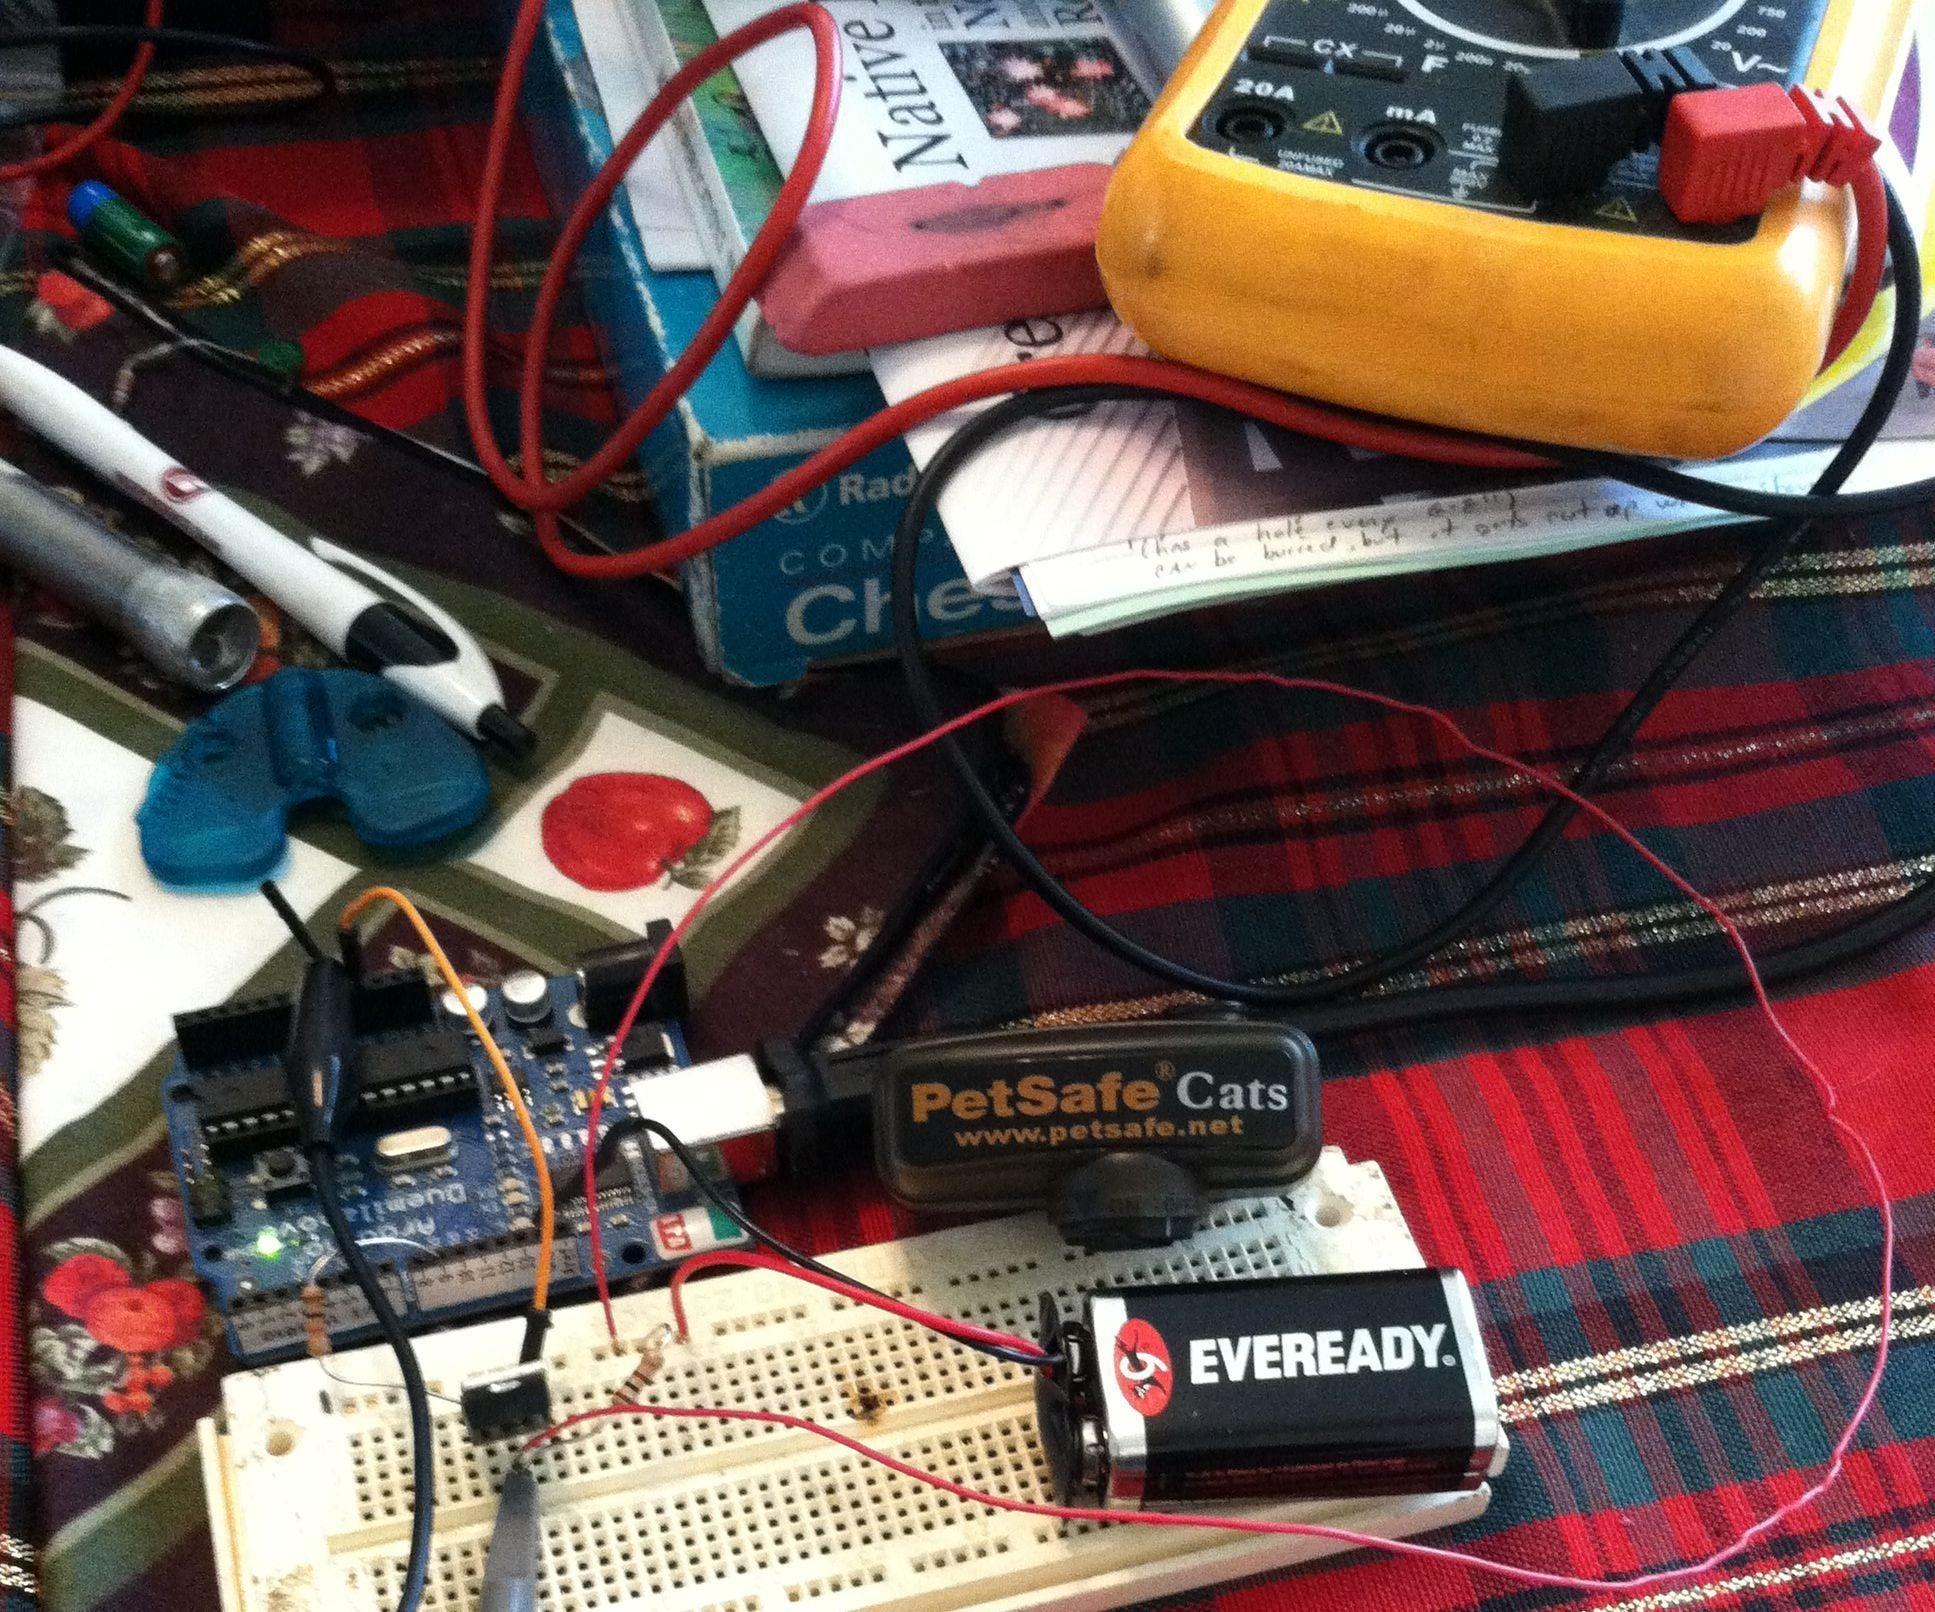 Arduino Petsafe Cat Barrier Wiring Diagram